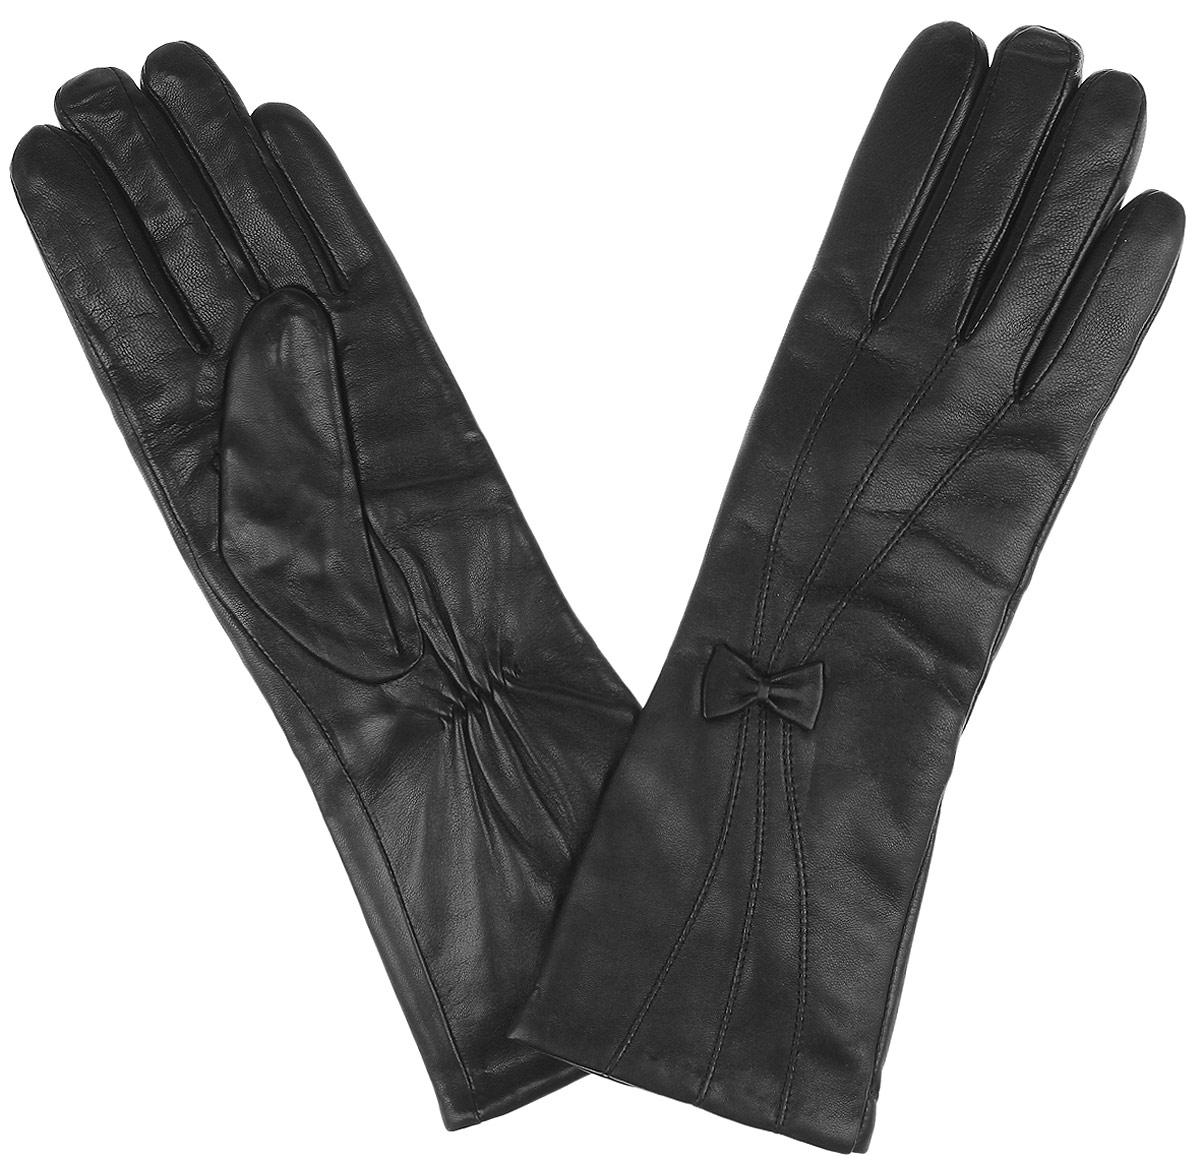 Перчатки женские. 2.22.2-1 blackВосхитительные женские перчатки Fabretti с подкладкой из шерсти и кашемира выполнены из мягкой и приятной на ощупь эфиопской перчаточной кожи. Лицевая сторона декорирована строчкой и кожаным бантиком. Тыльная сторона удлиненного манжета дополнена аккуратной резинкой для лучшей фиксации модели на запястье. Такие перчатки подчеркнут ваш стиль и неповторимость и придадут всему образу нотки женственности и элегантности.